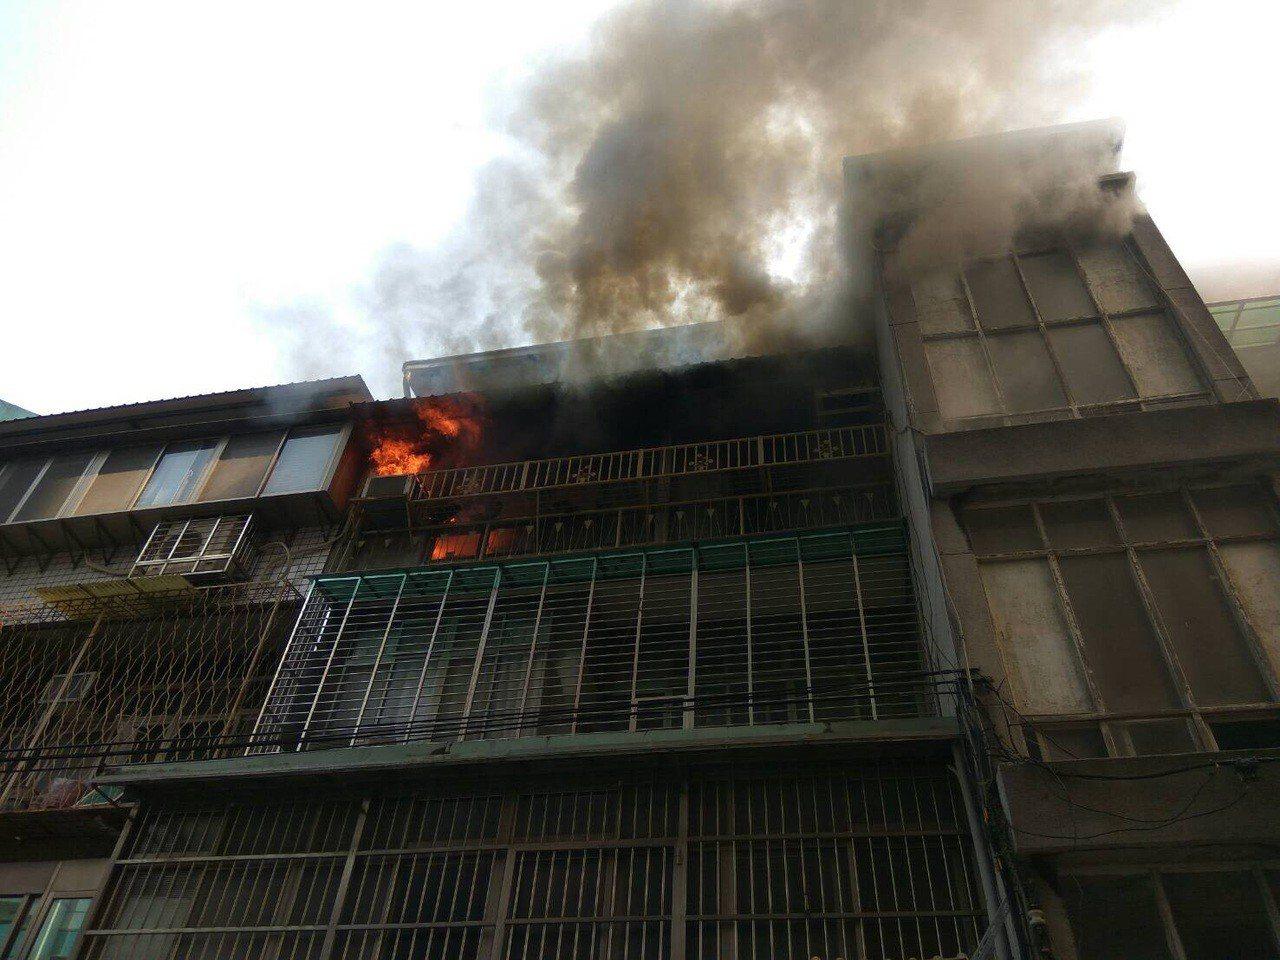 南京東路5段巷弄內民宅4樓起火,燃燒面積約35平方公尺。記者蕭雅娟/翻攝